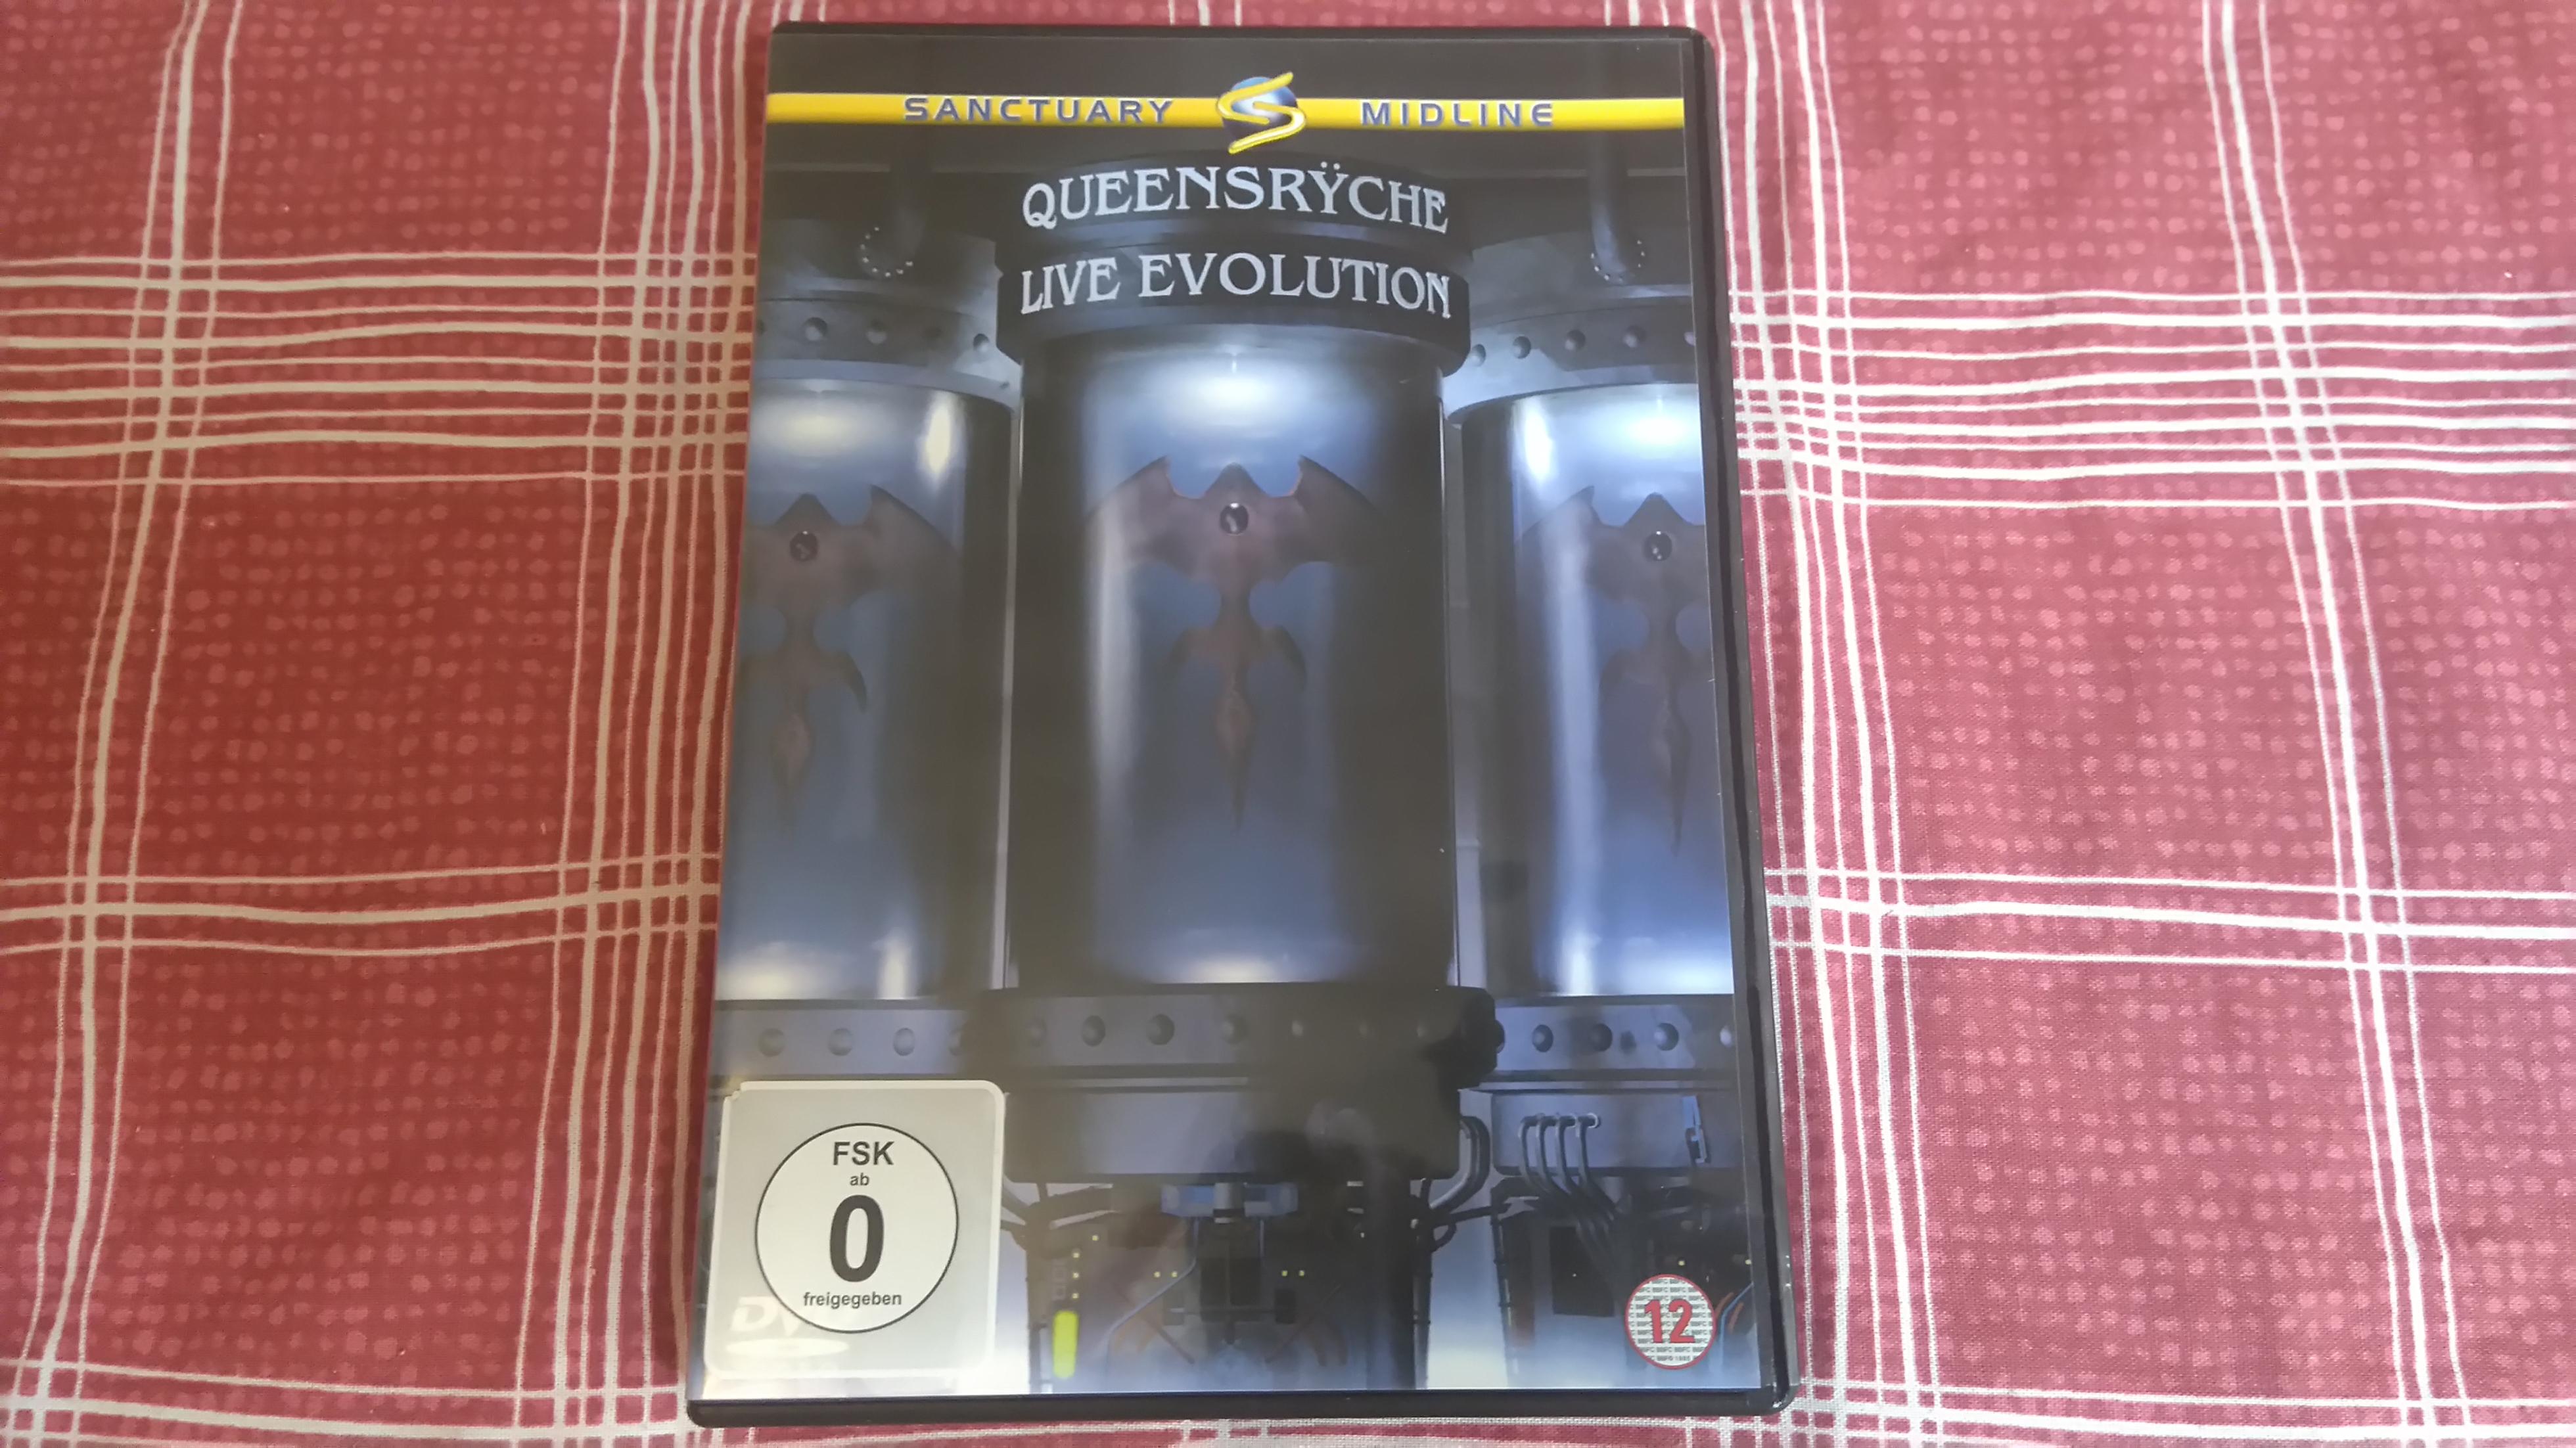 Queensryche DVD.JPG